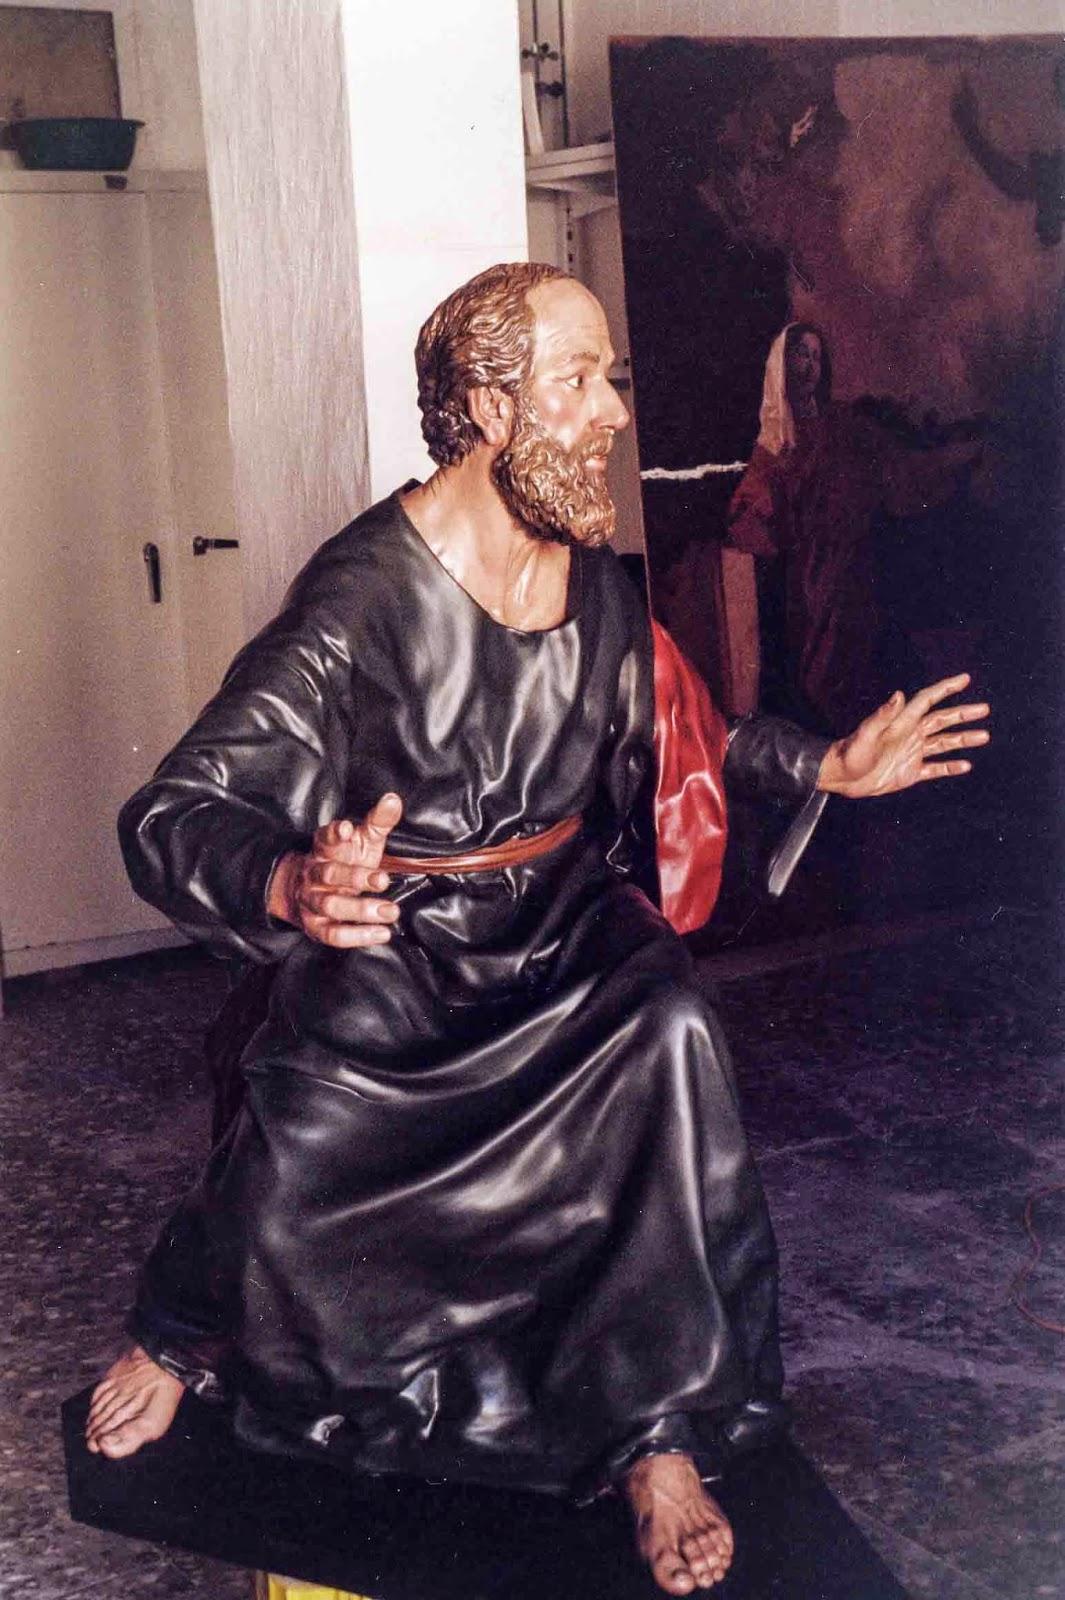 Discípulos de Emaús Semana Santa Jumilla Murcia escultura 2